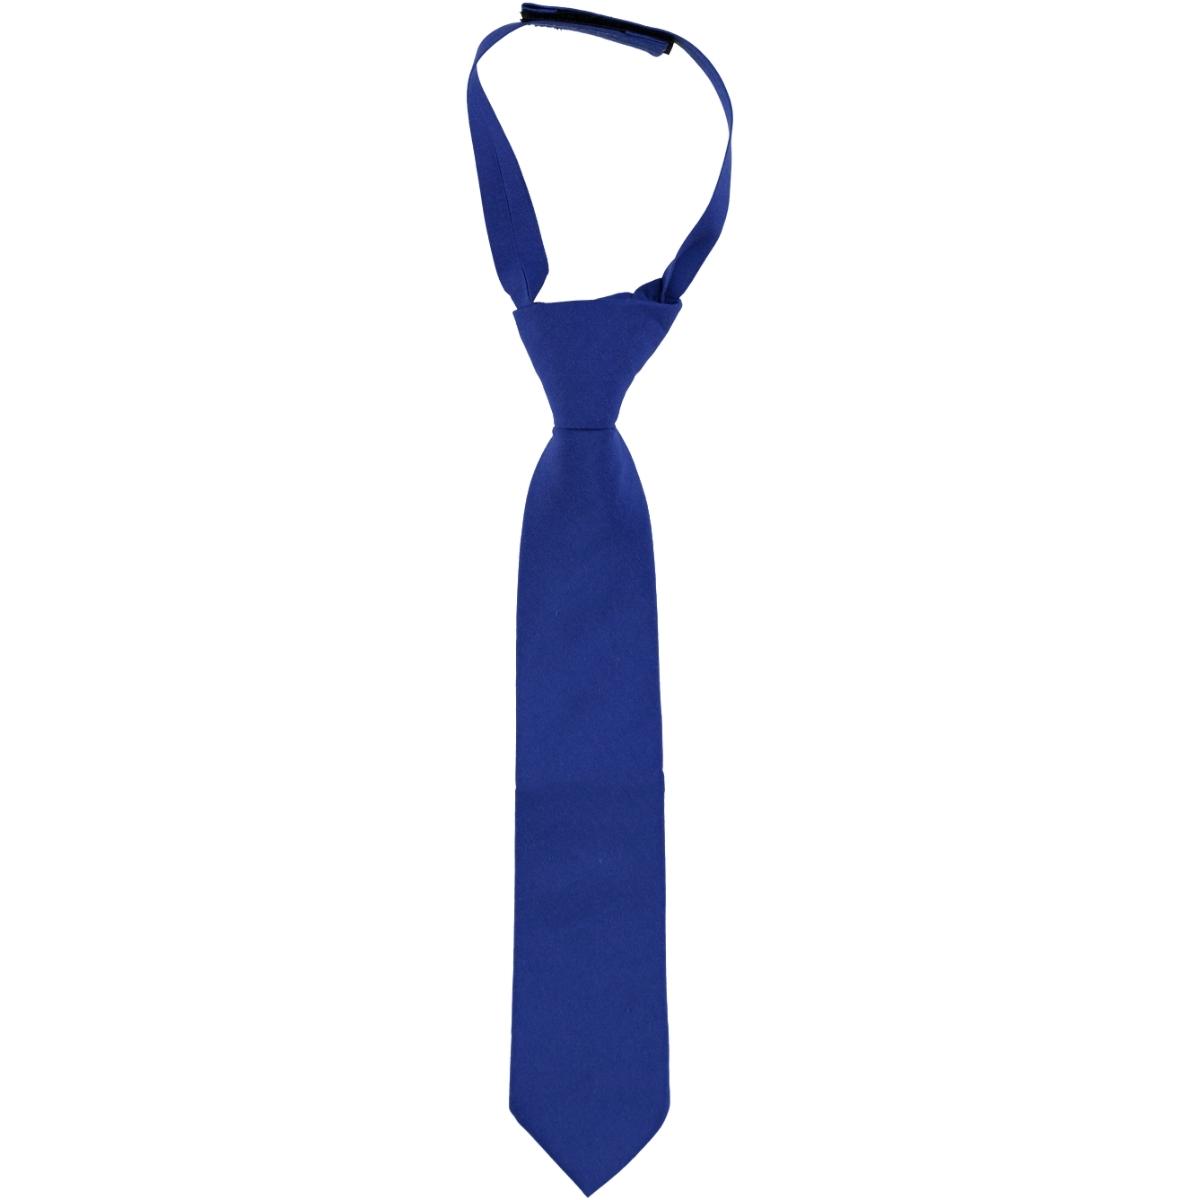 Civil Boy's Plain Satin Tie, Blue Saks The Ages Of 2-8